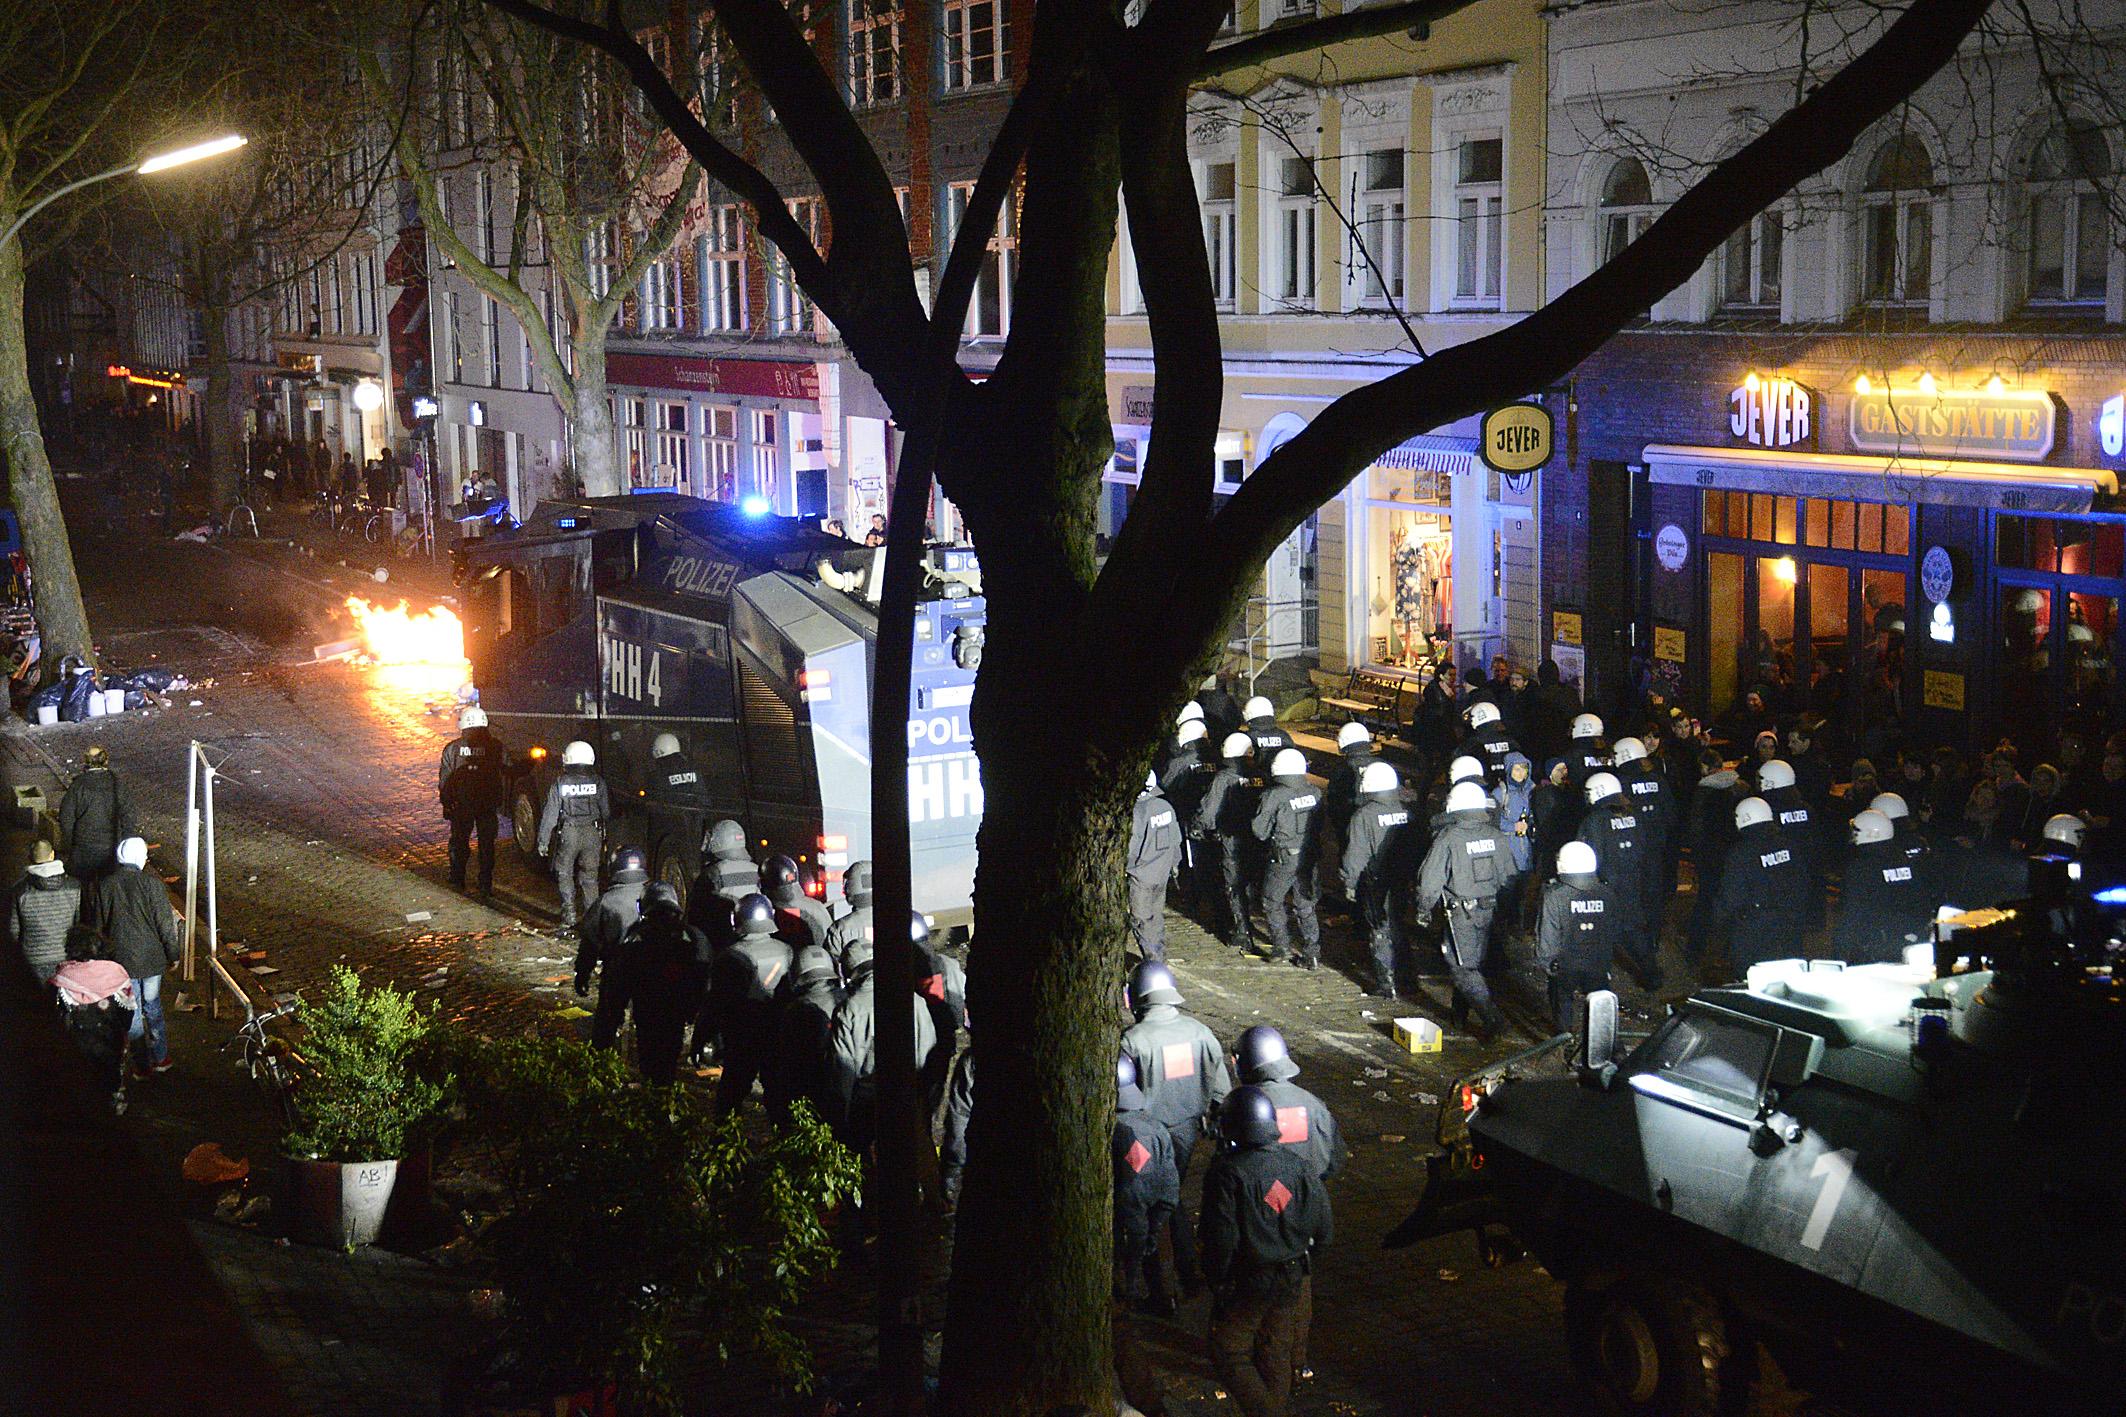 Nach dem Hamburger Schanzenfest kam es in den späten Abendstunden zu gewalttätigen Ausschreitungen. Immer wieder zündeten Randalierer kleinere Feuer auf den Straßen an. Polizeibeamte wurde mit Flaschen und Steinen attackiert. - Foto: Michael B. Rehders - Hamburg 2016